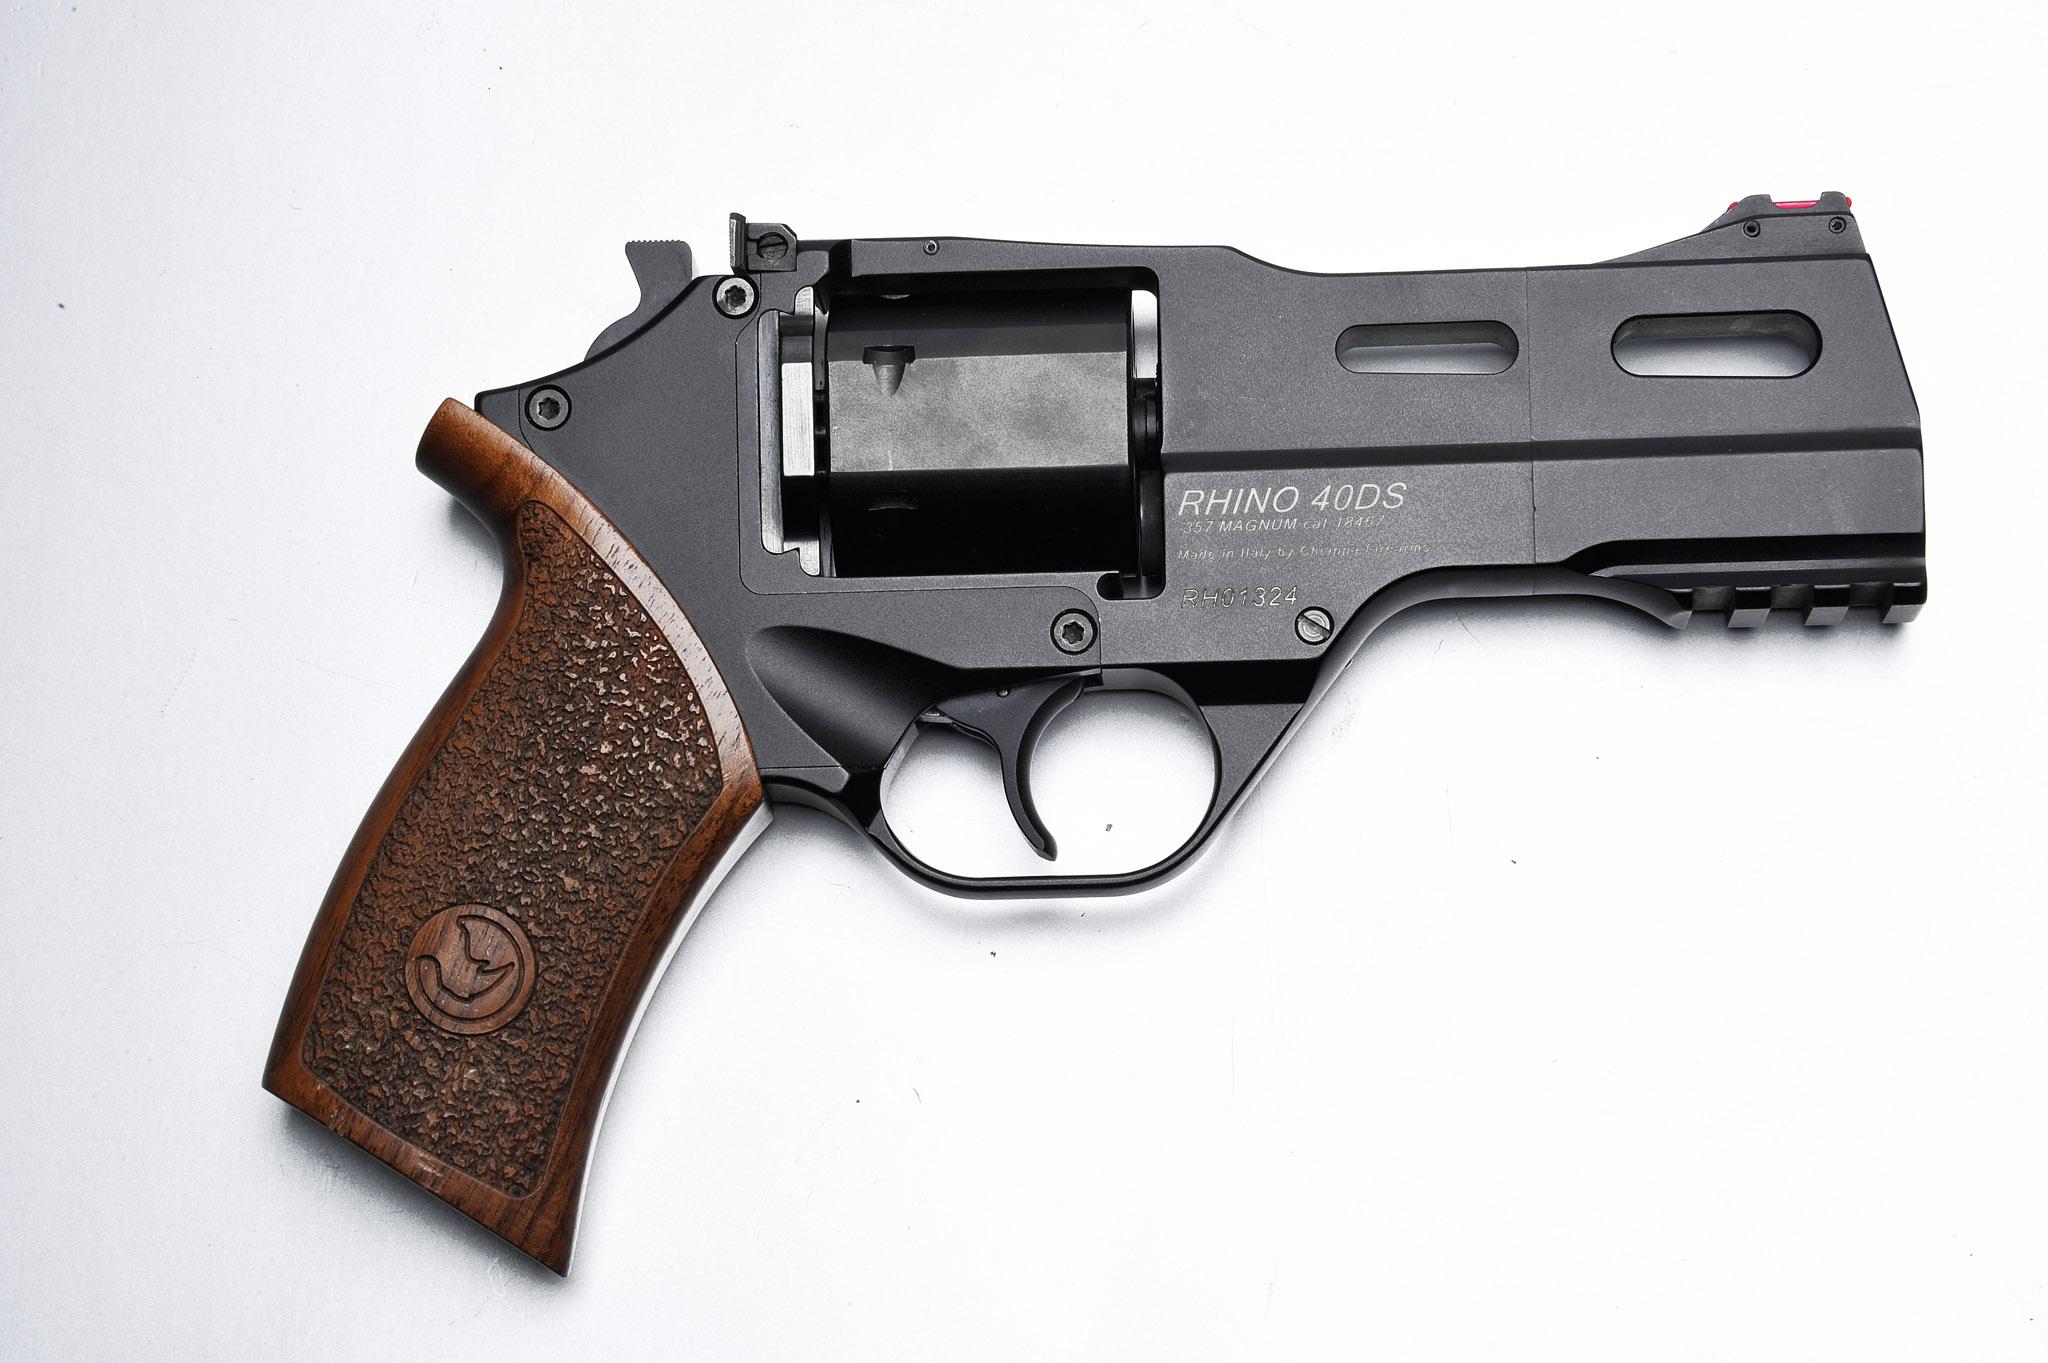 High Resolution Wallpaper | Chiappa Rhino Revolver 2048x1363 px